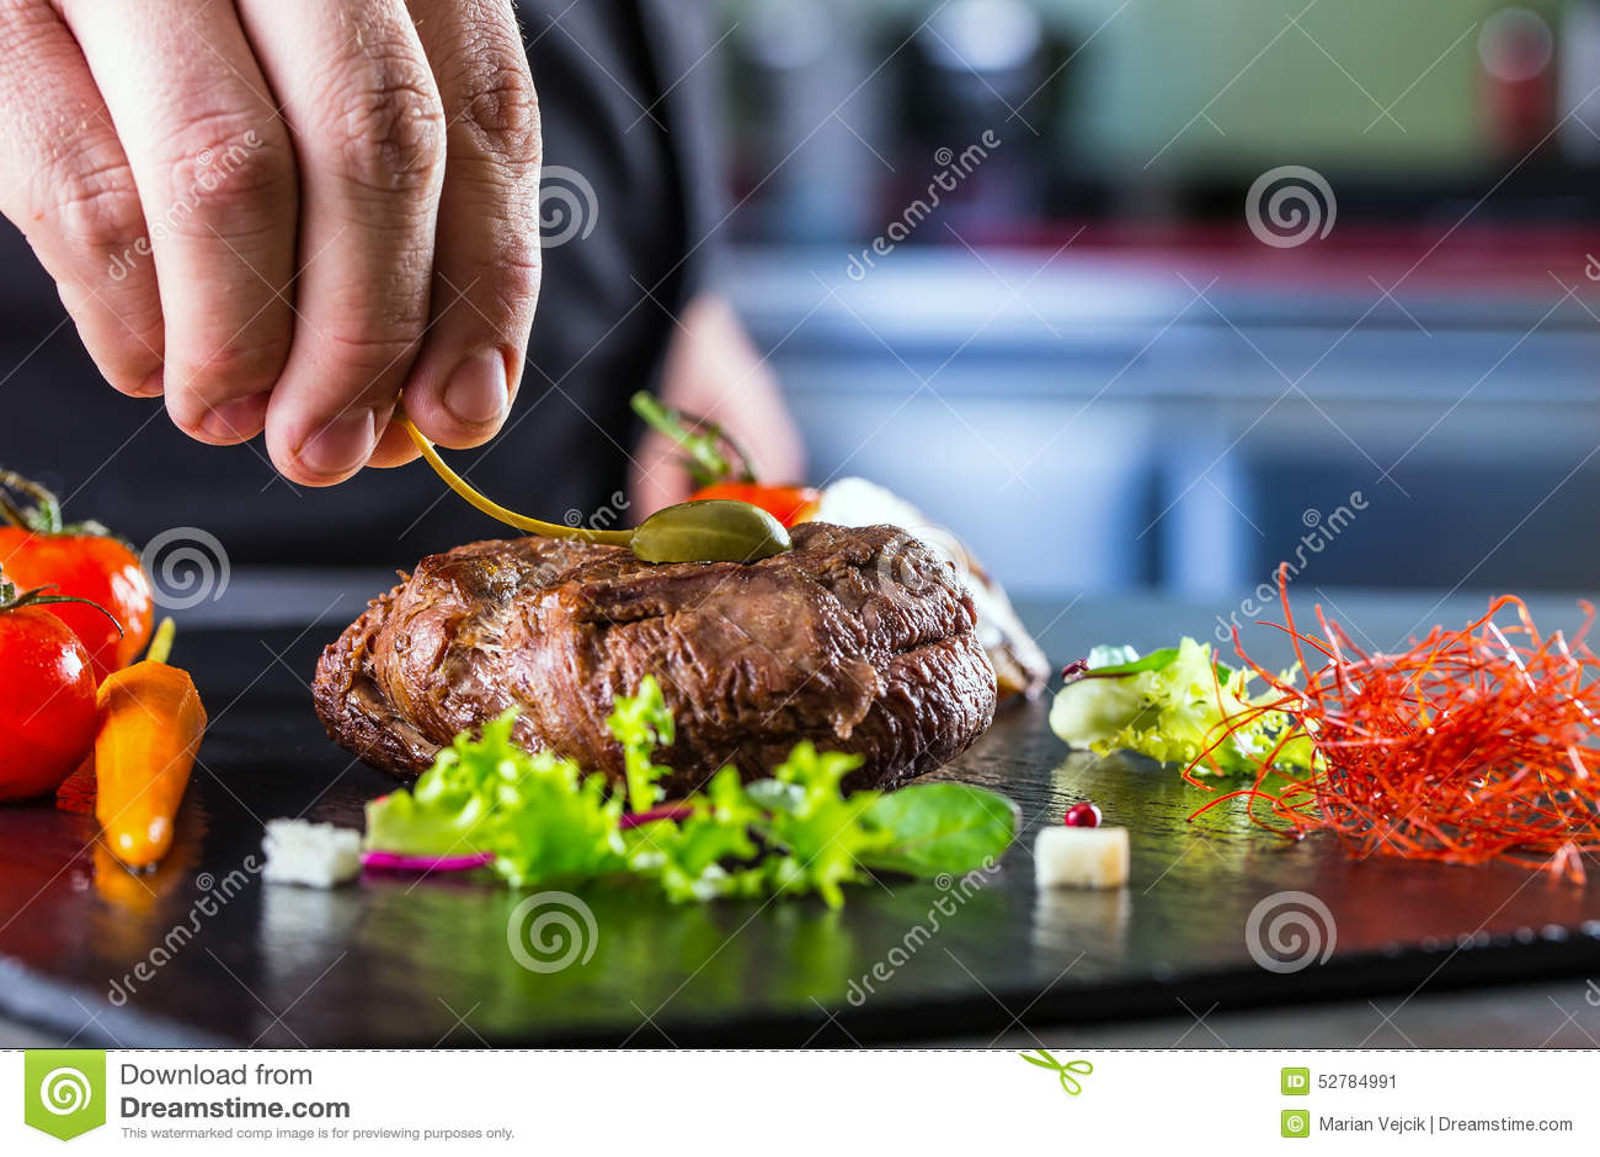 Chef dans la cuisine d hôtel ou de restaurant faisant cuire, seulement mains Bifteck de boeuf préparé avec la décoration végétale